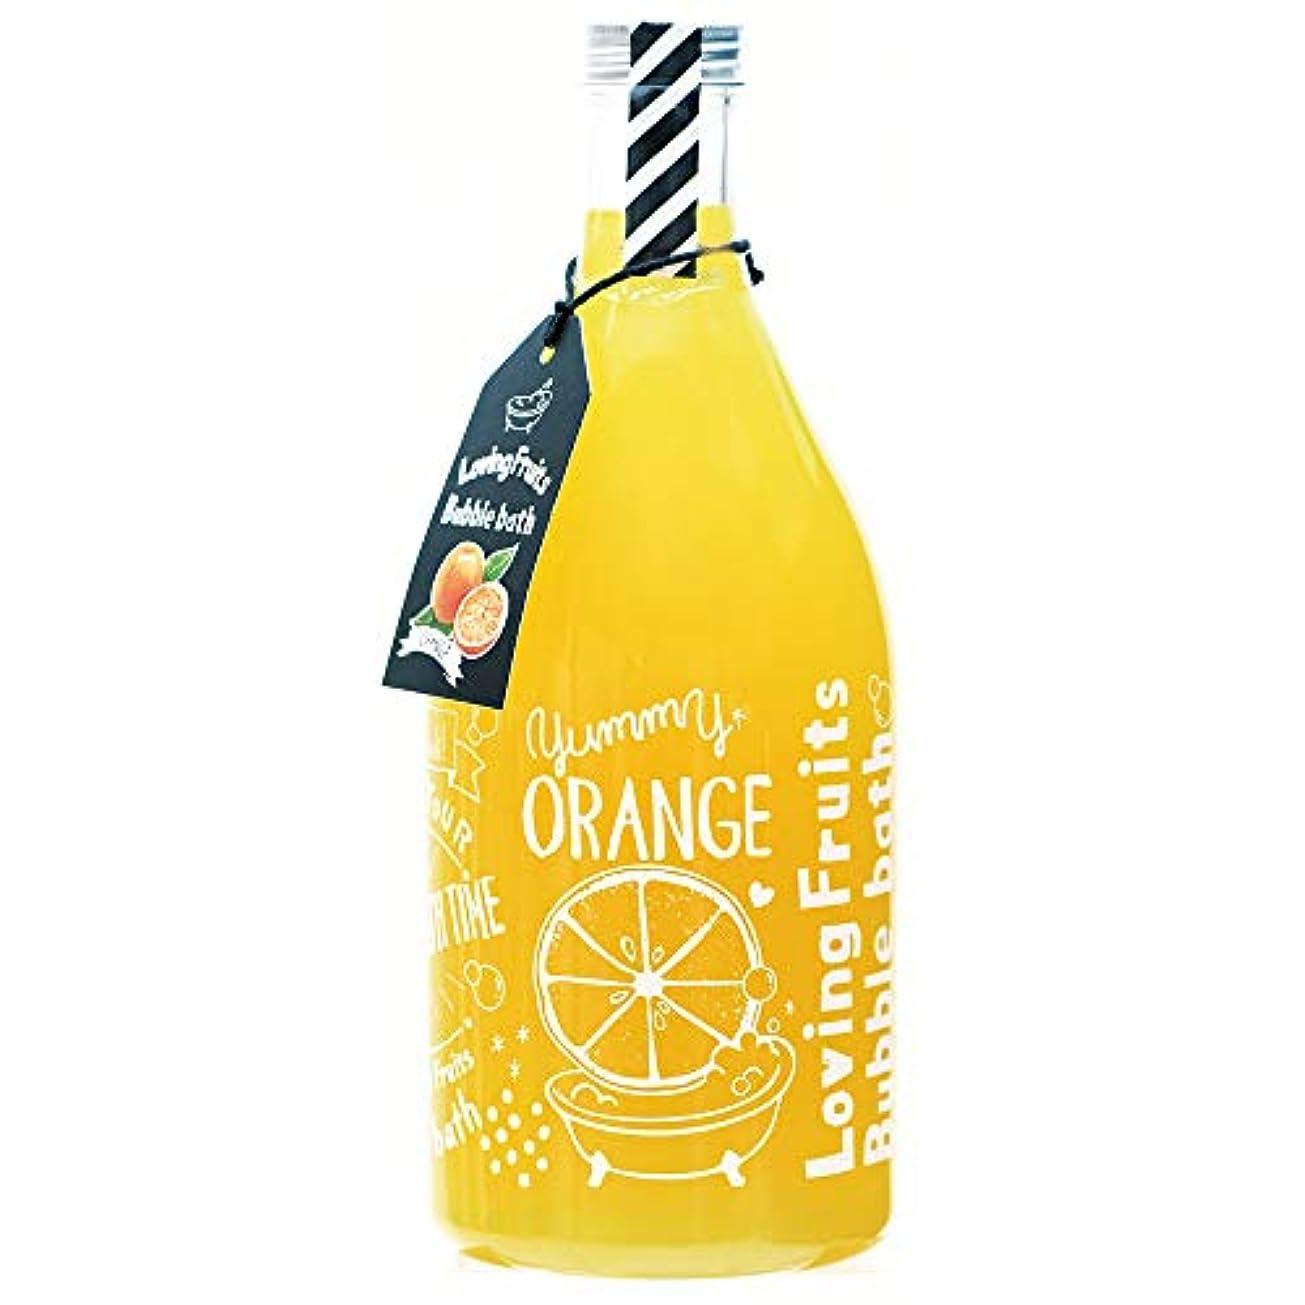 つば隠す世界ノルコーポレーション 入浴剤 バブルバス ラビングフルーツ 750ml オレンジの香り OB-LFS-1-2